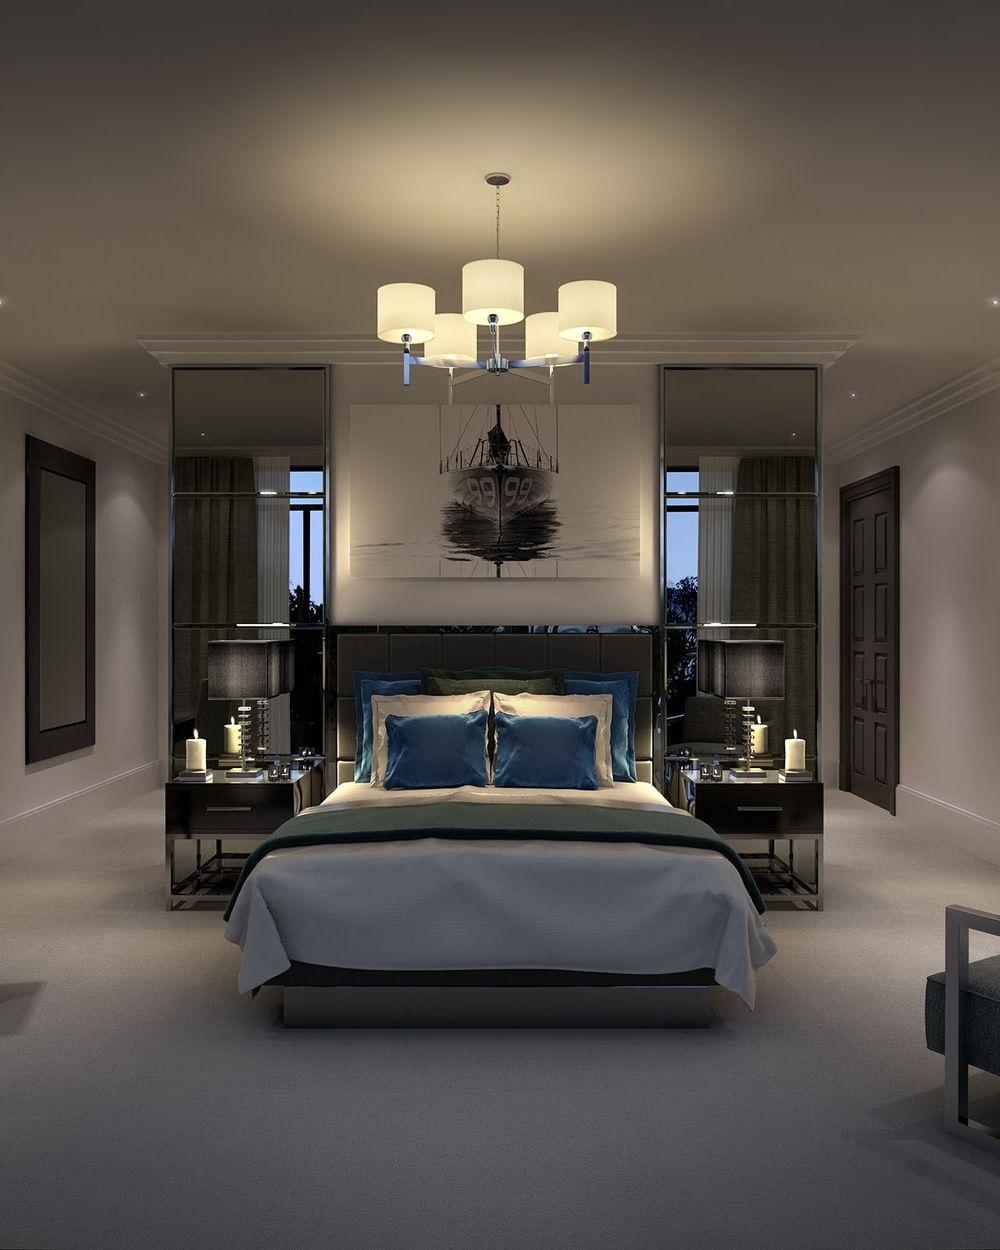 Bedroom Interior Design Ideas Pinterest Bedroom Ideas For